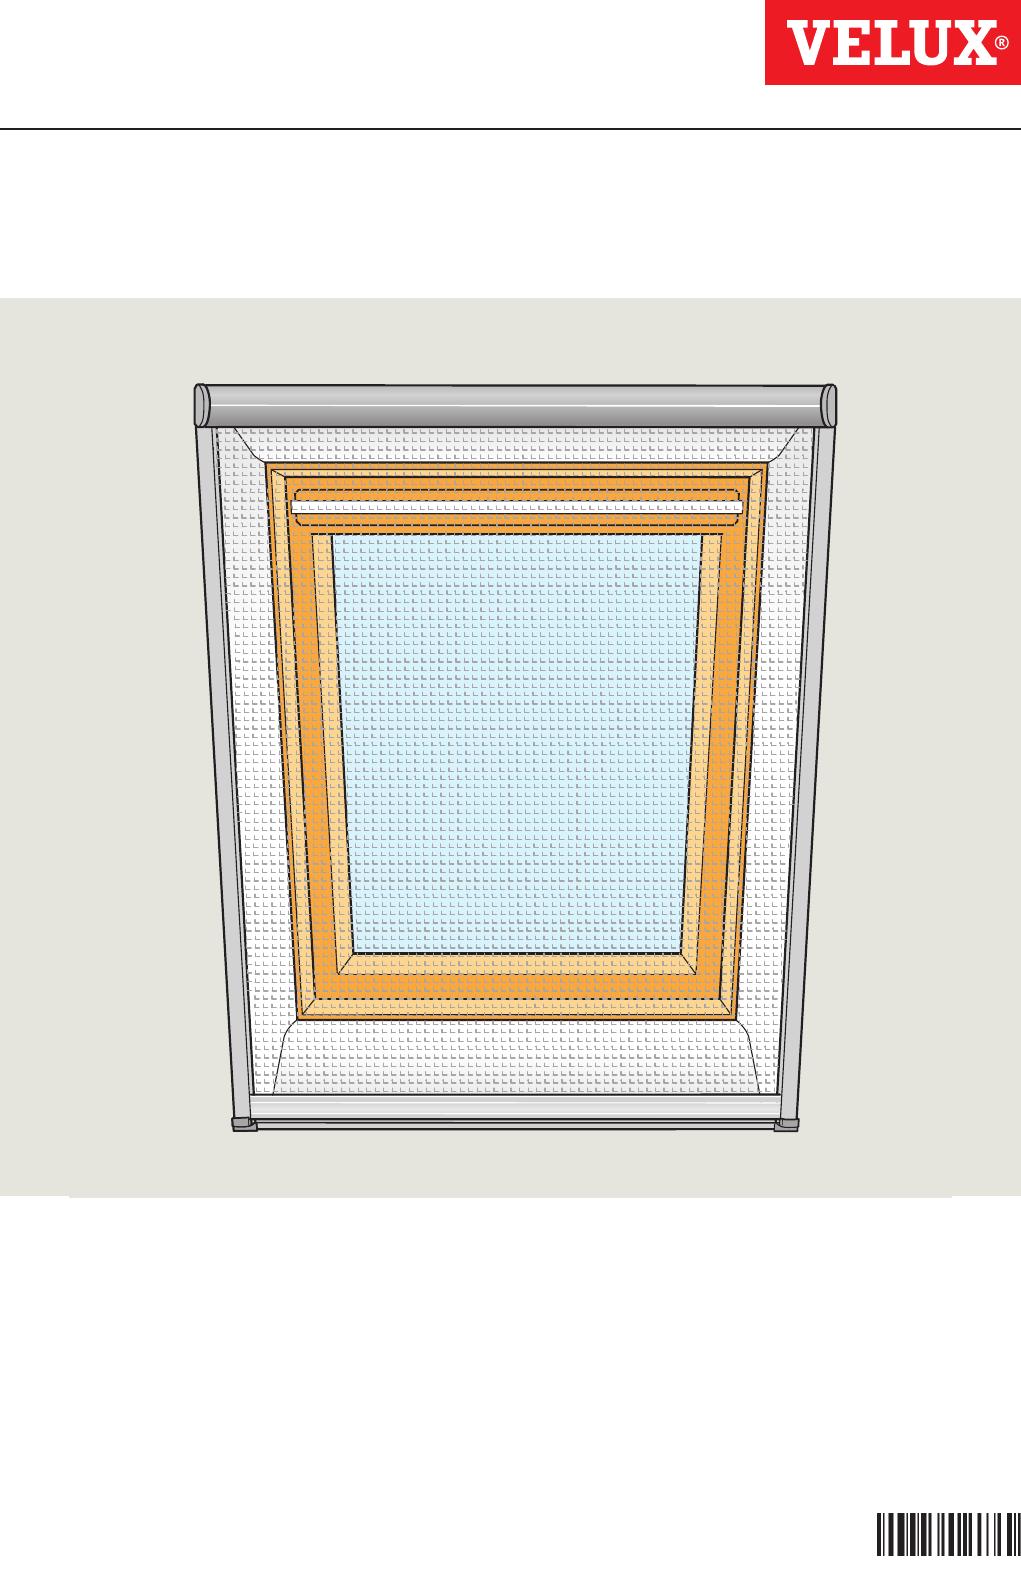 Full Size of Velux Schnurhalter Veluzil Manual Fenster Kaufen Einbauen Ersatzteile Rollo Preise Wohnzimmer Velux Schnurhalter